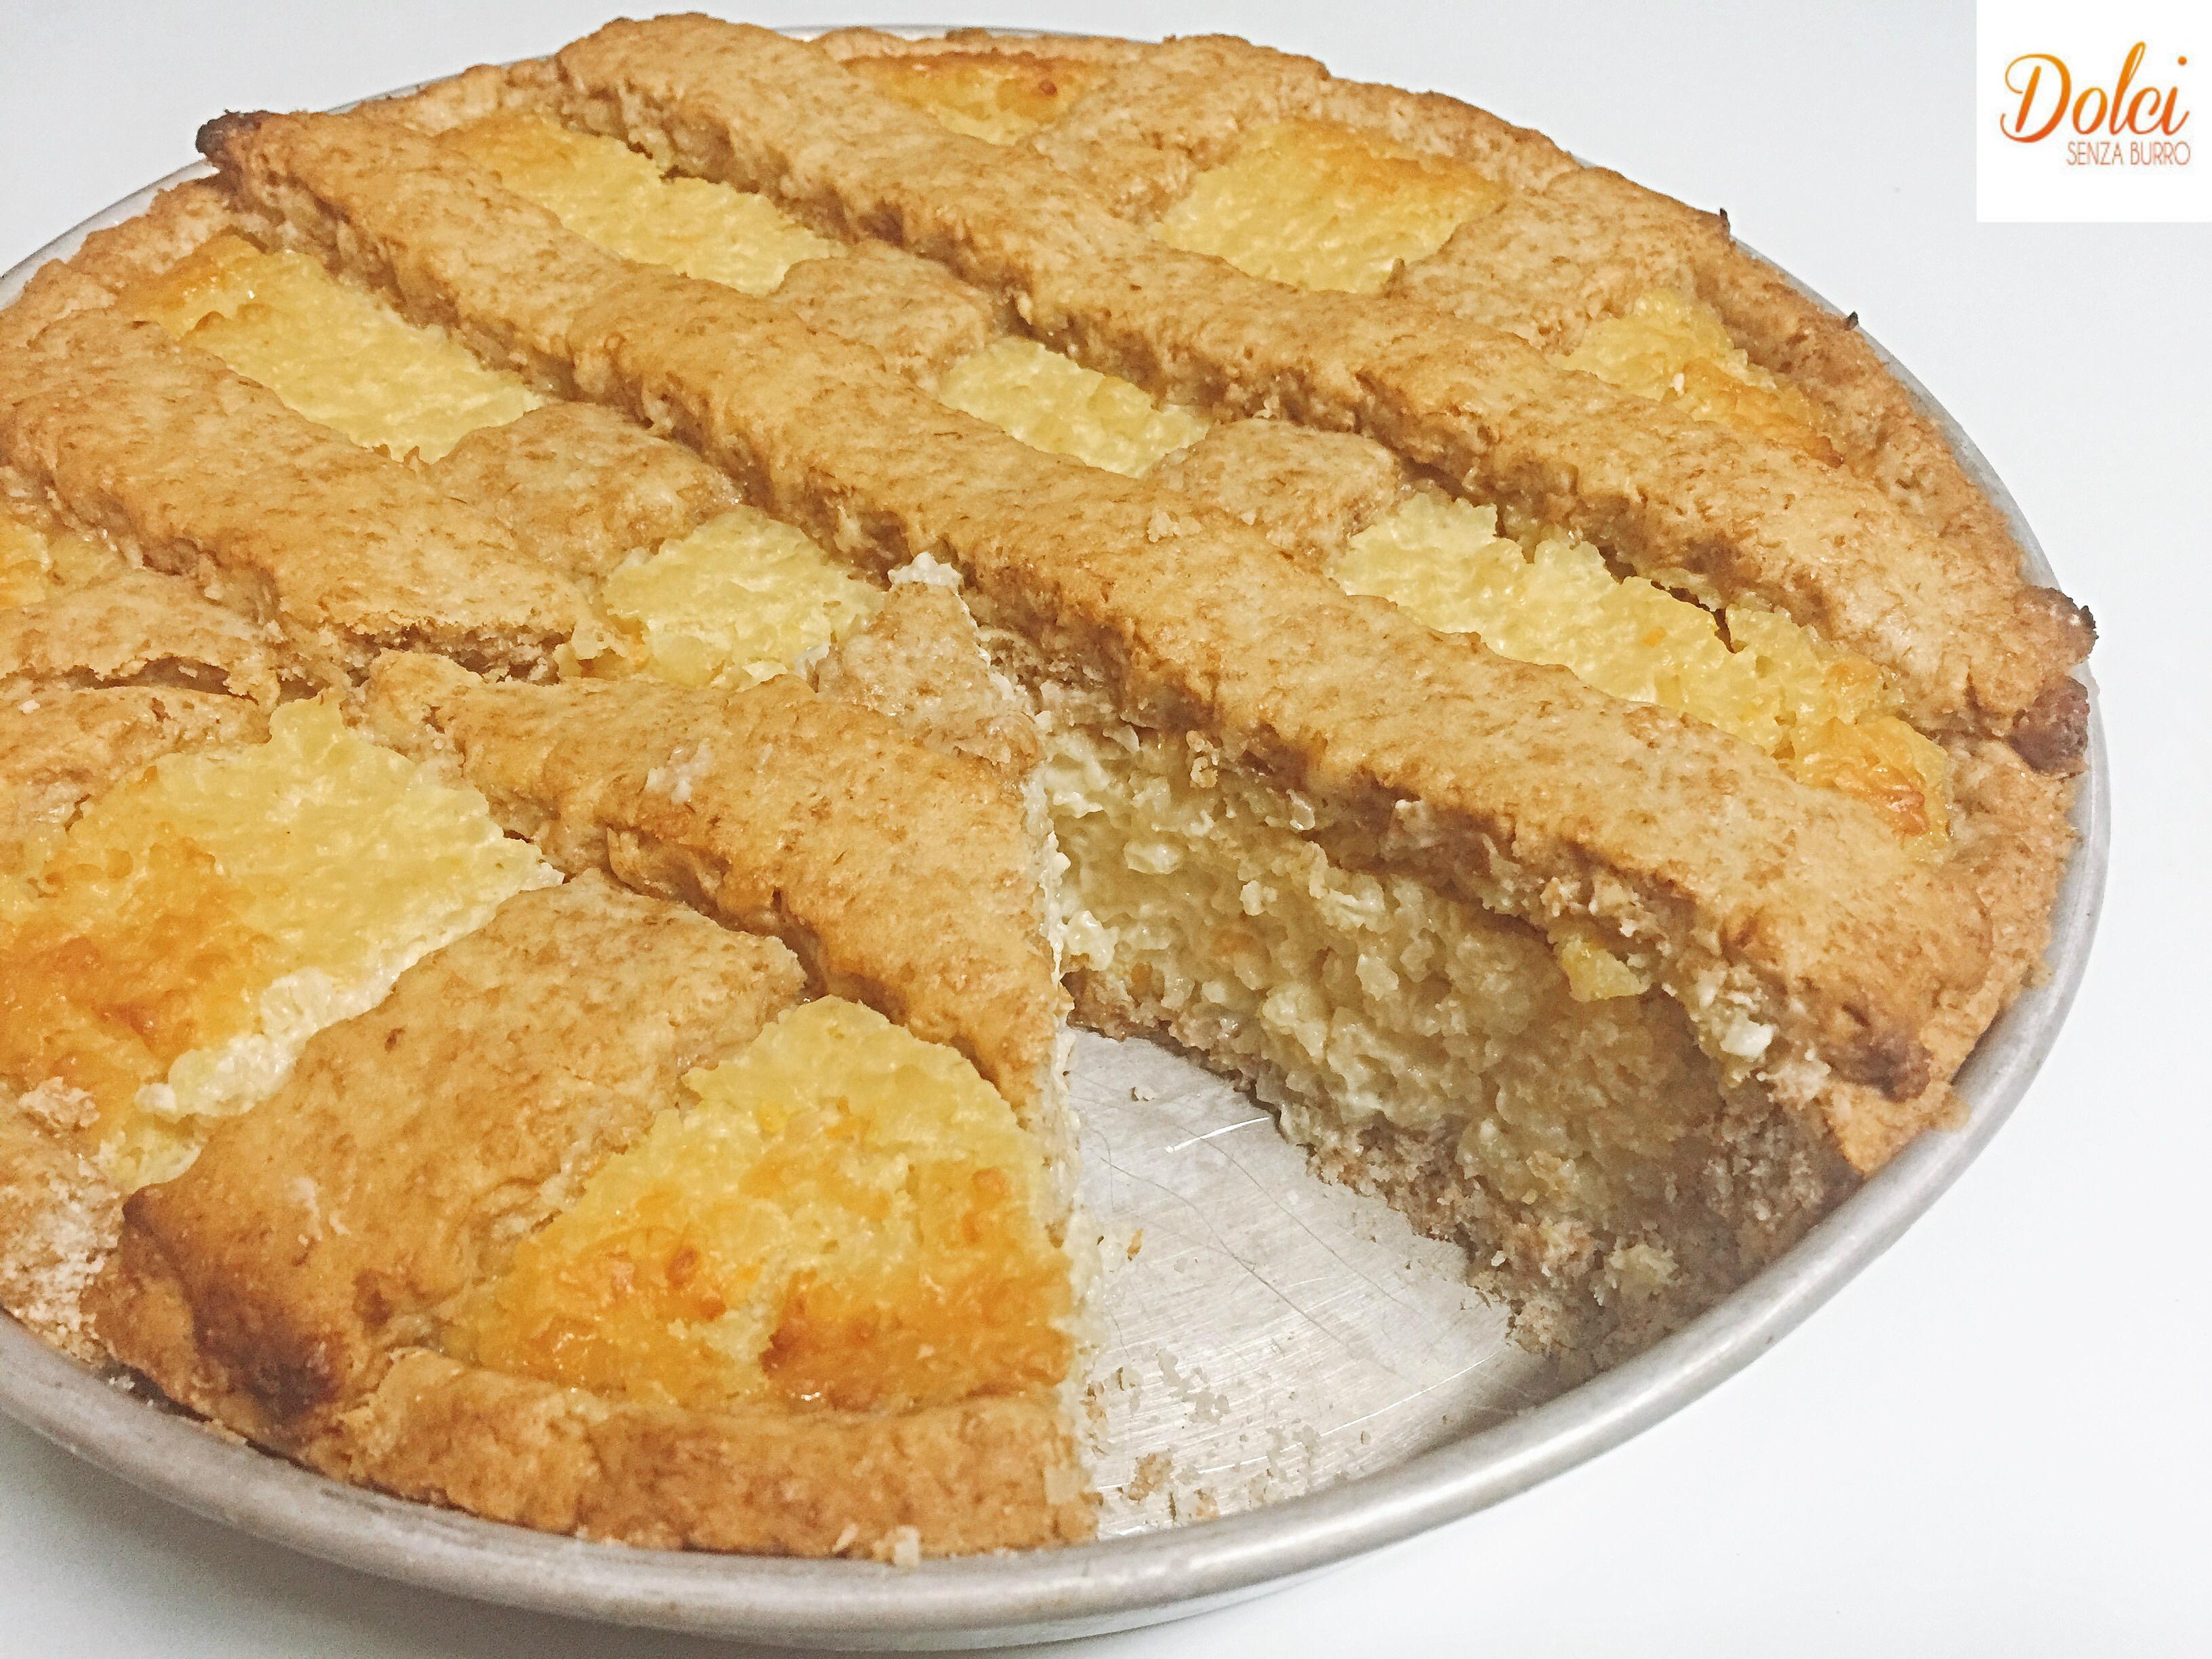 Pastiera di Bulgur Senza Lattosio. il tradizionale dolce napoletano rivisitato da dolci senza burro